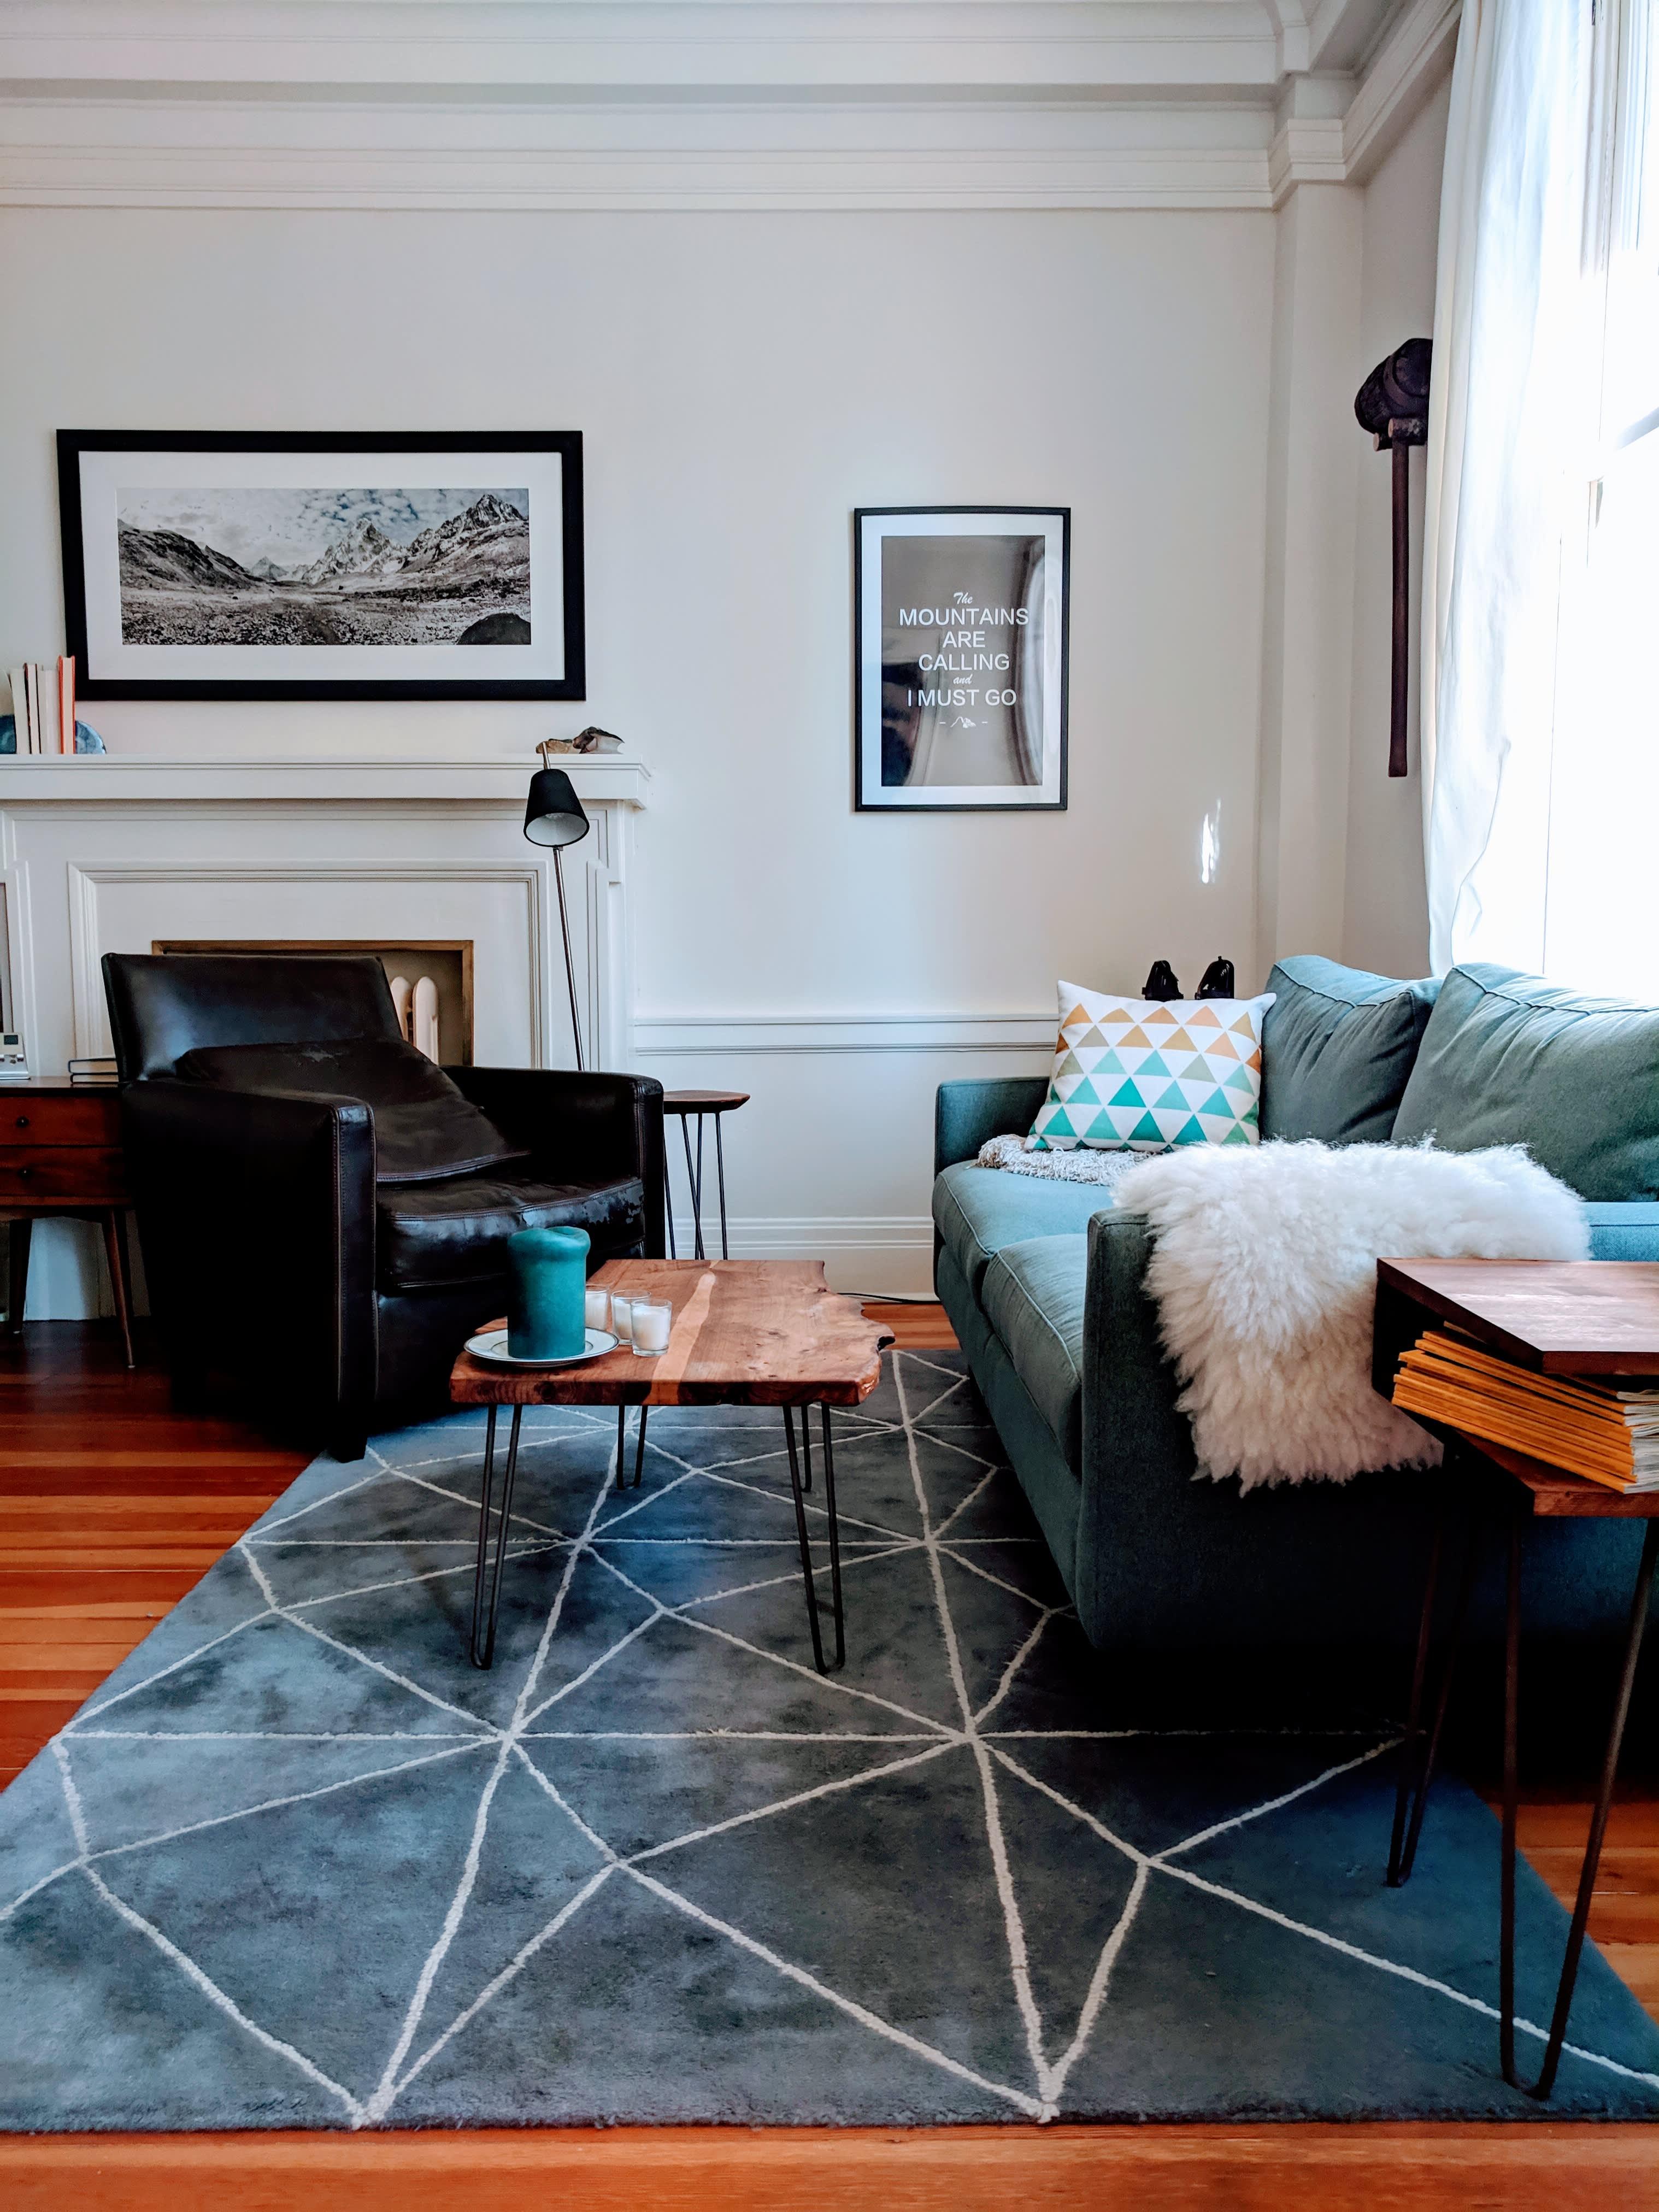 A Tiny San Francisco Studio Apartment Tour | Apartment Therapy